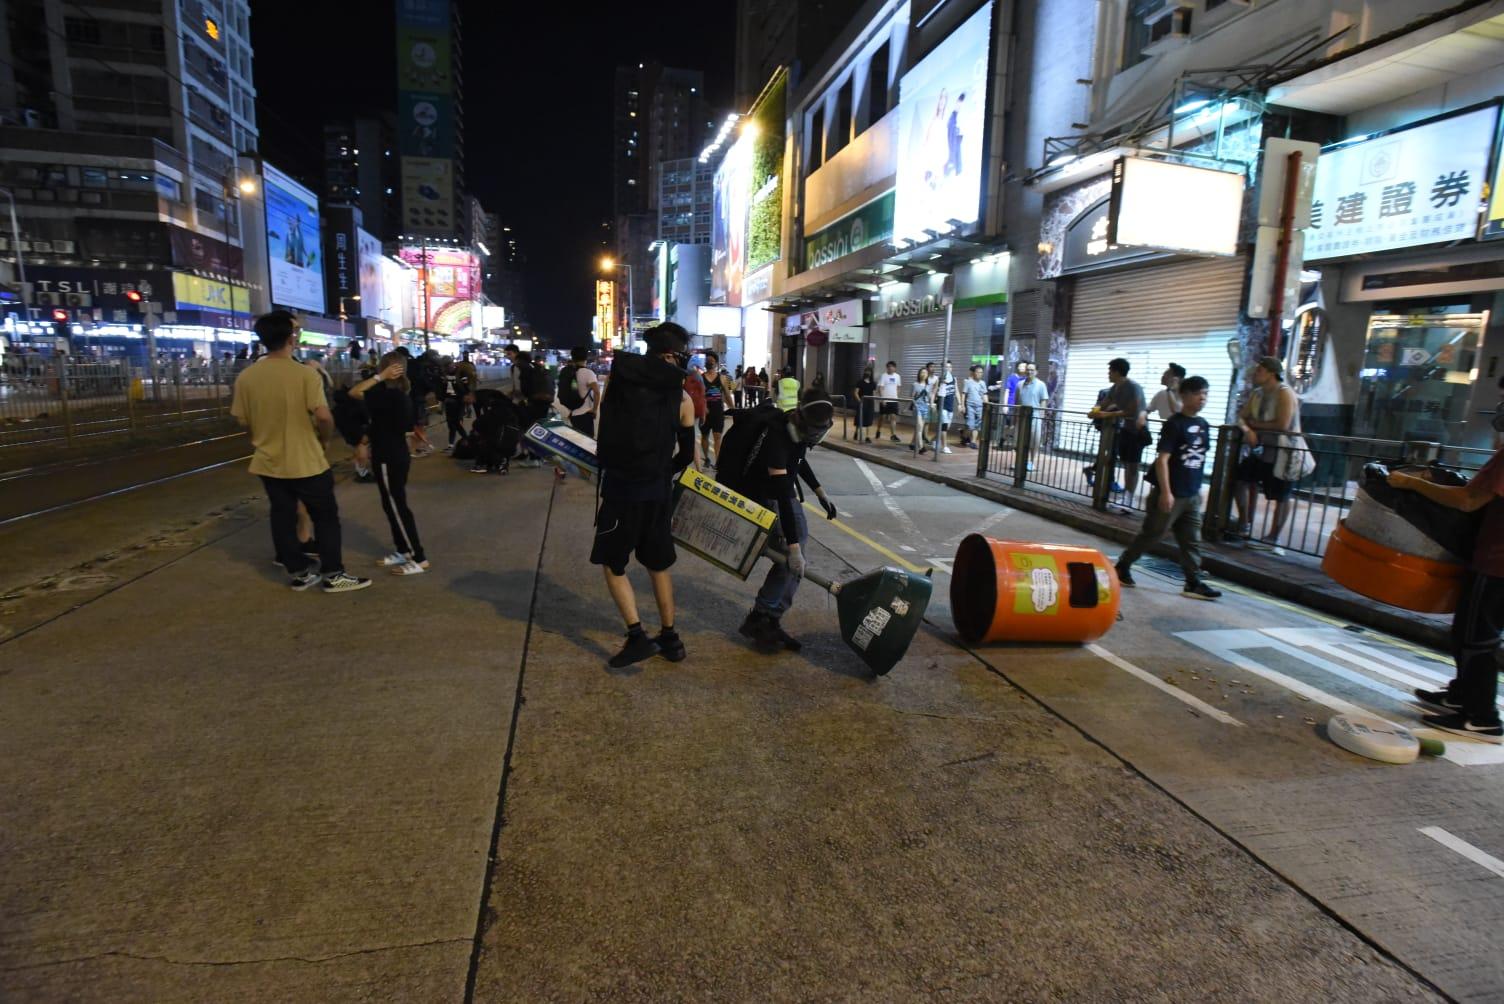 示威者佔據大馬路